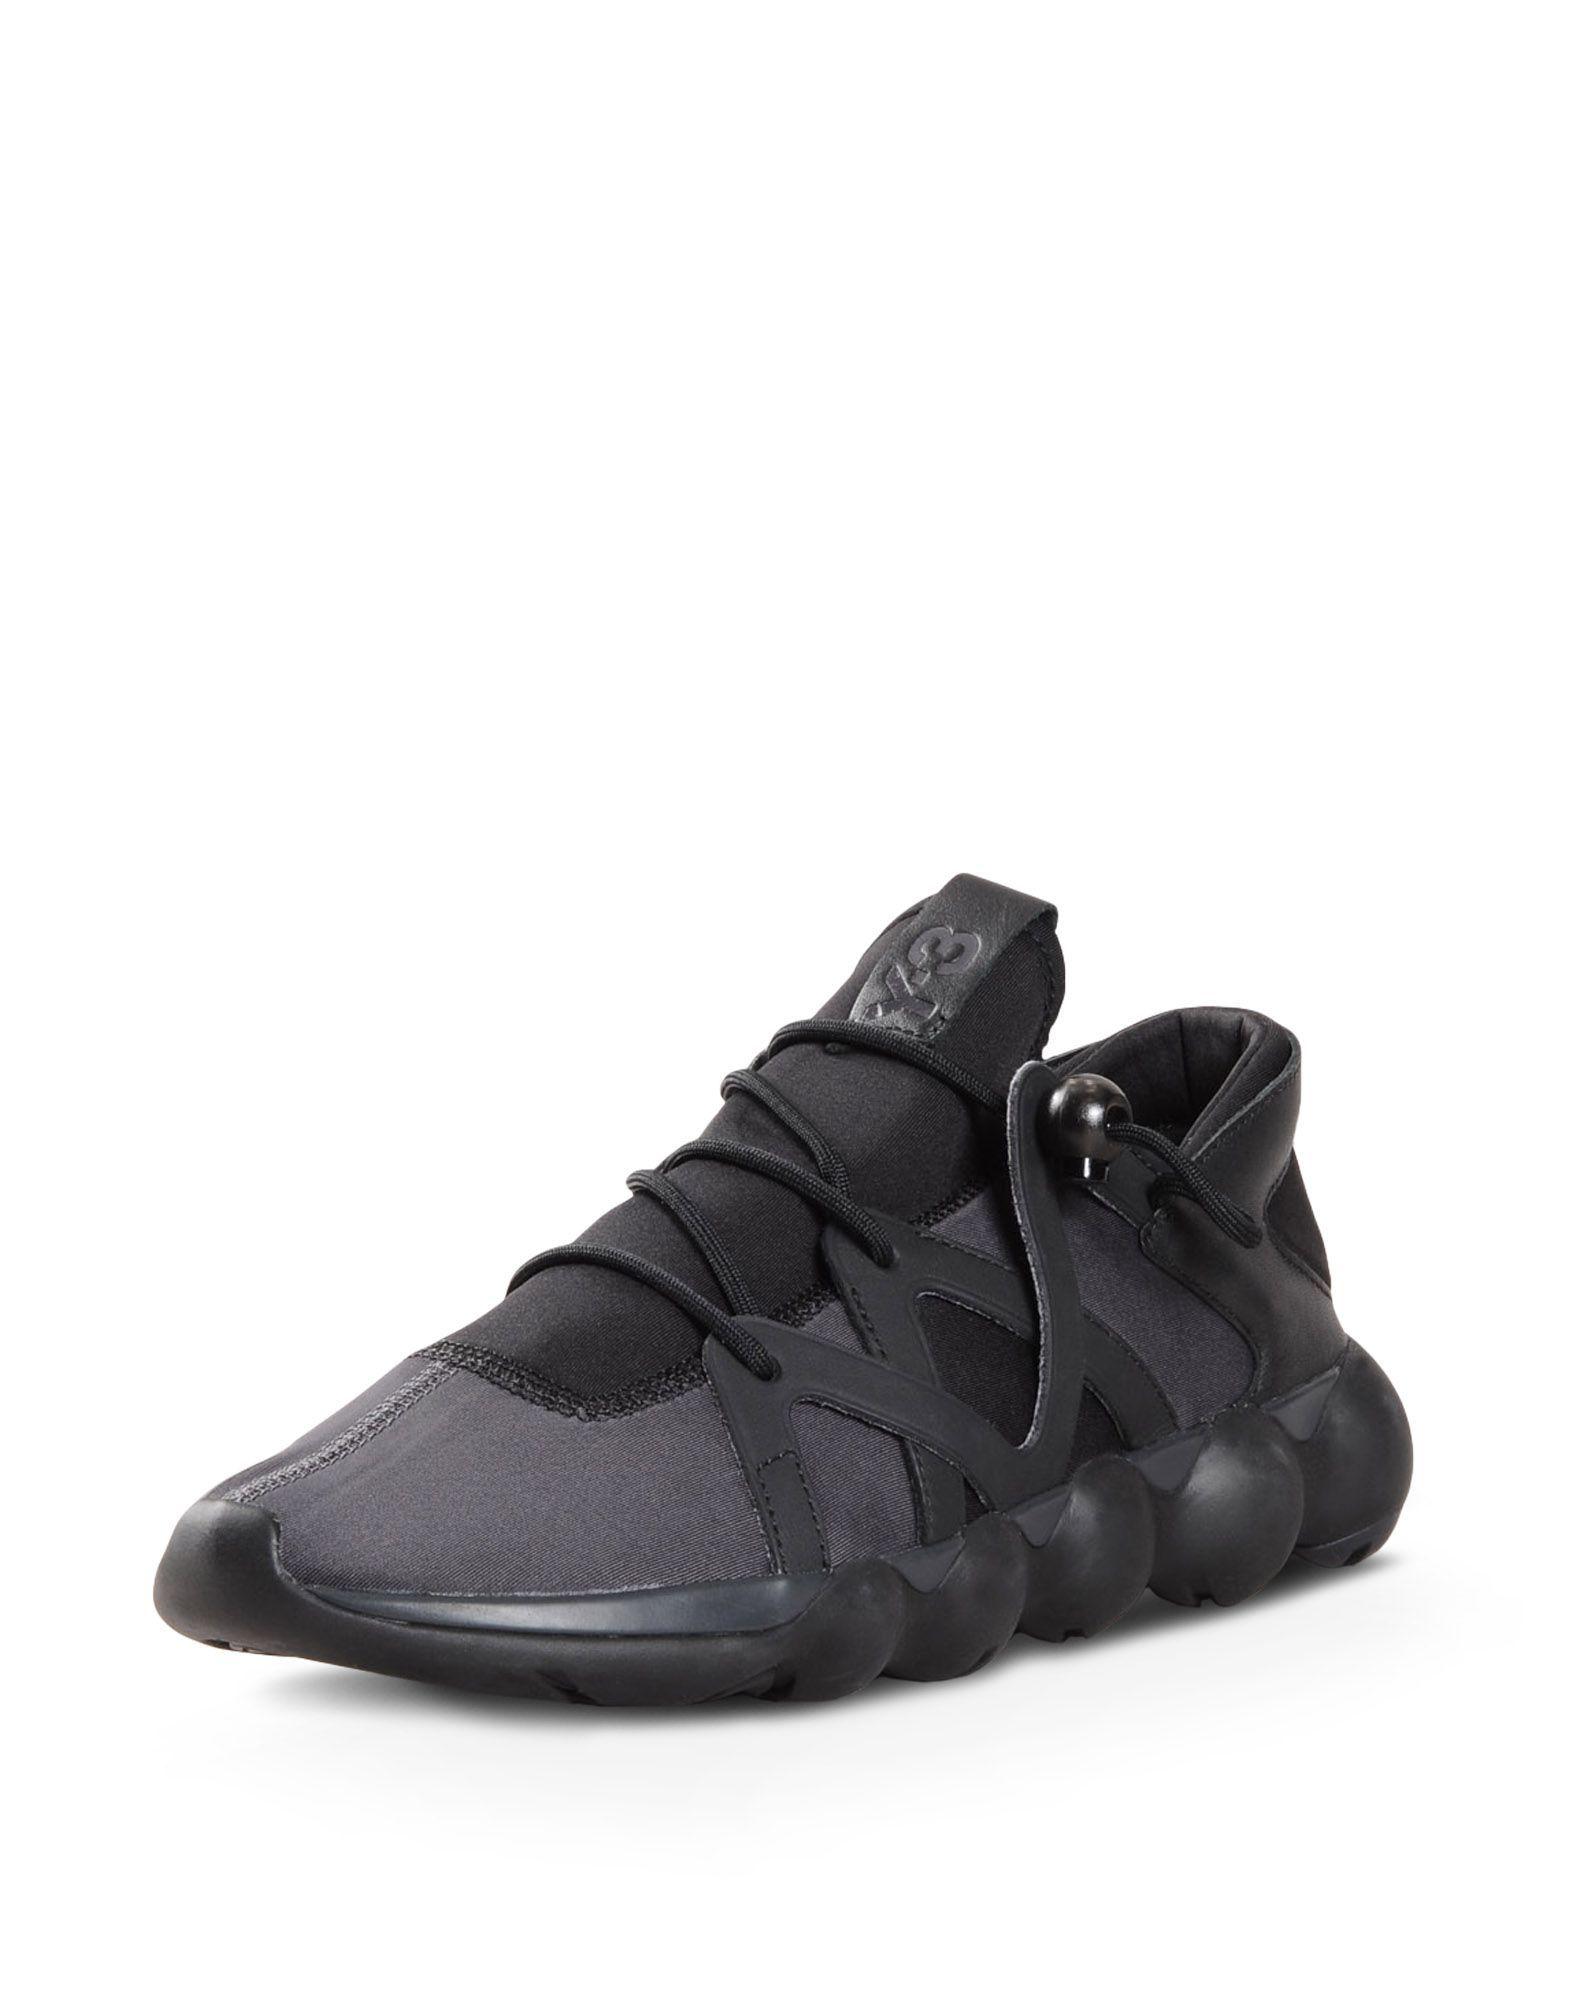 4c15de20db4cb aliexpress y 3 kyujo low shoes man y 3 adidas 17acf 608ef